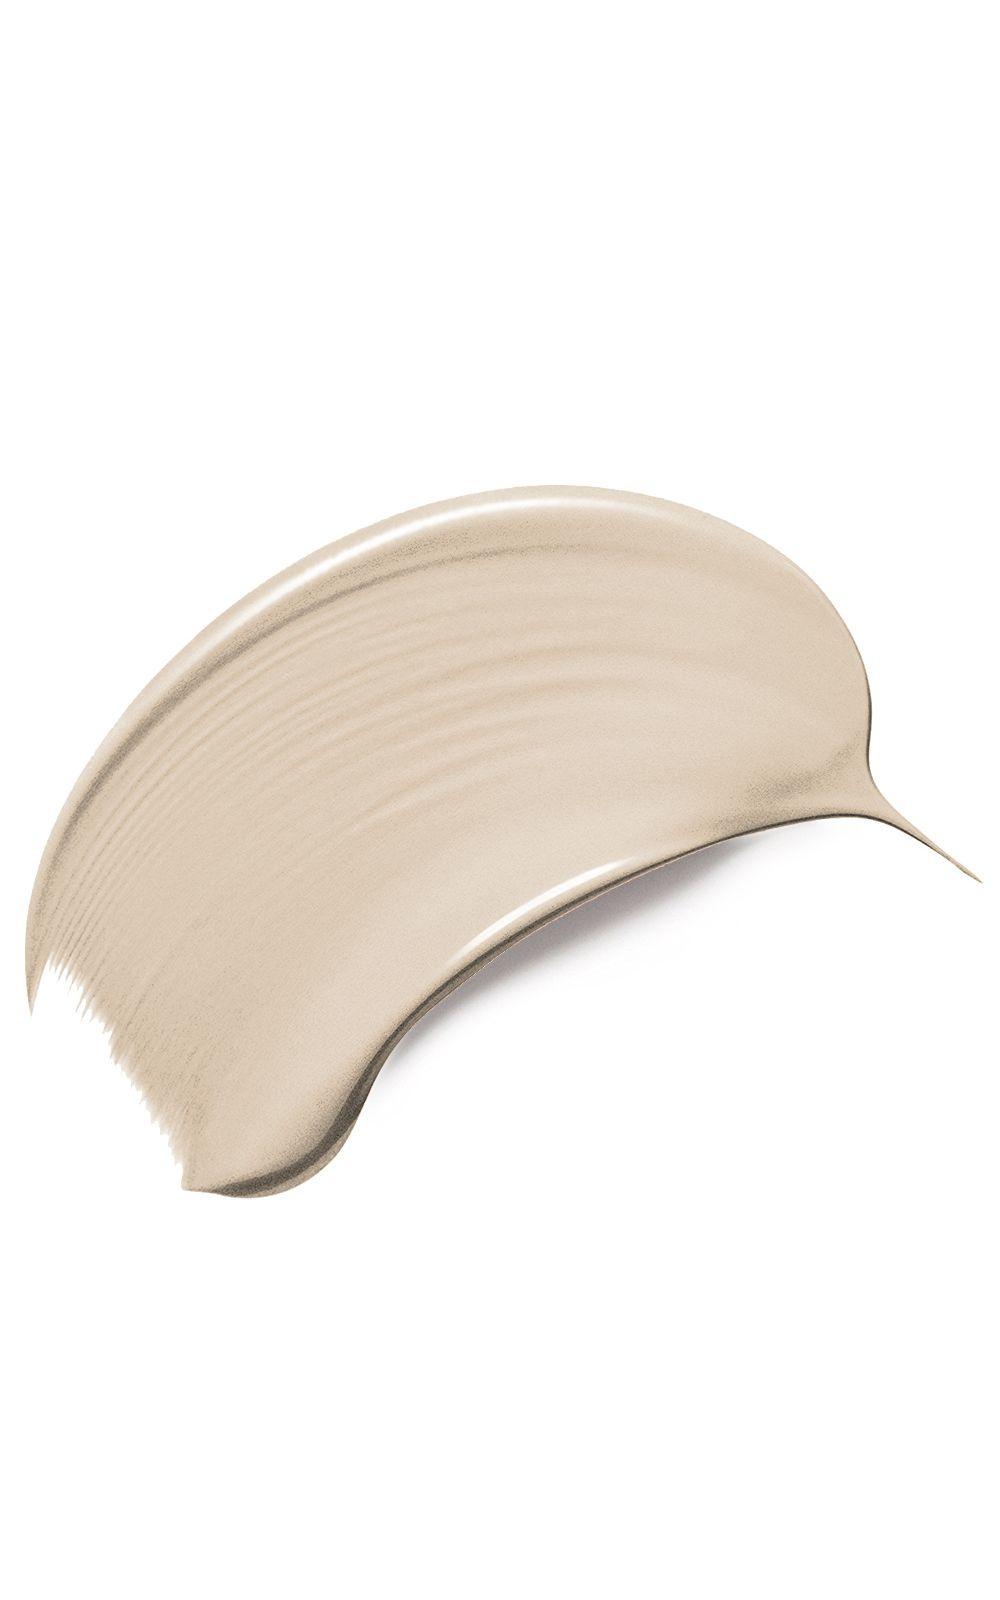 Foto 3 - Protetor Solar Compacto Ada Tina - Biosole BB Cream Secco FPS 60 - Bianco